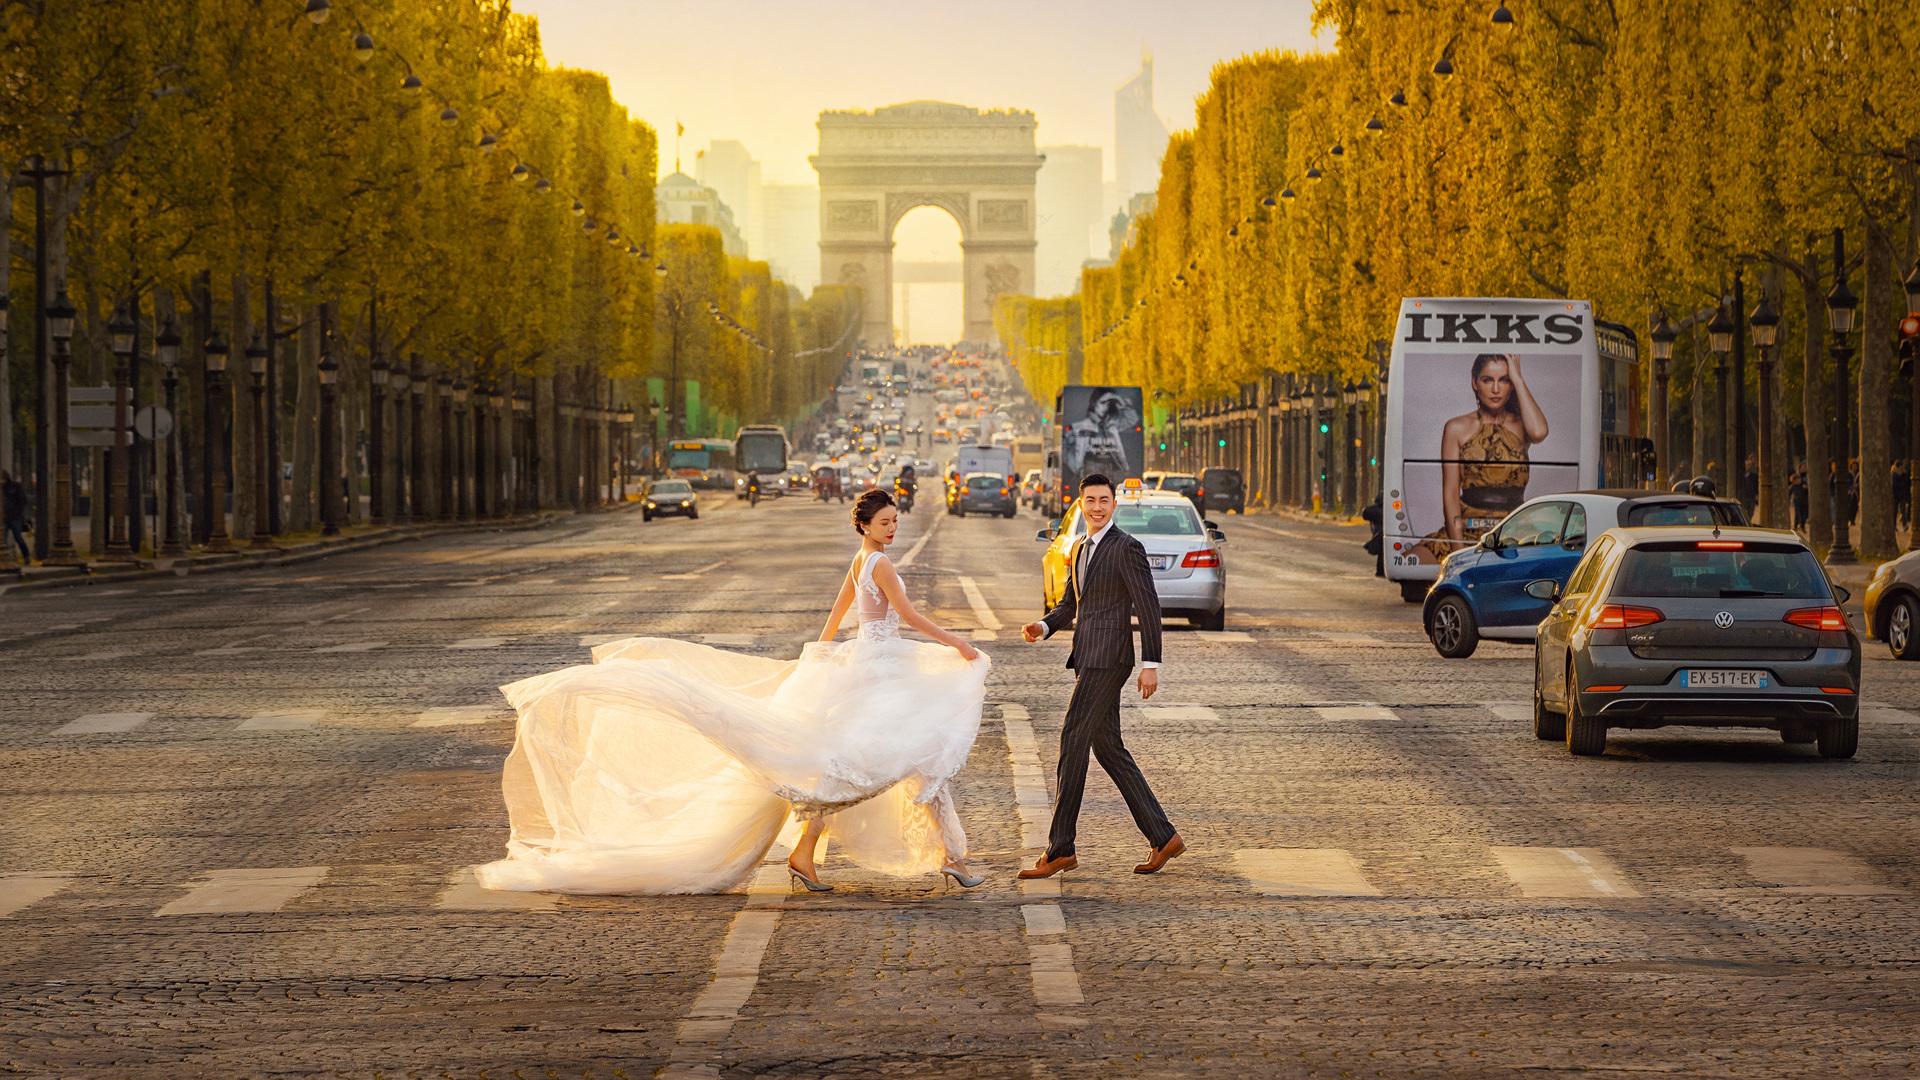 厦门万石植物园拍婚纱照好看吗?婚纱照拍摄首推铂爵旅拍!